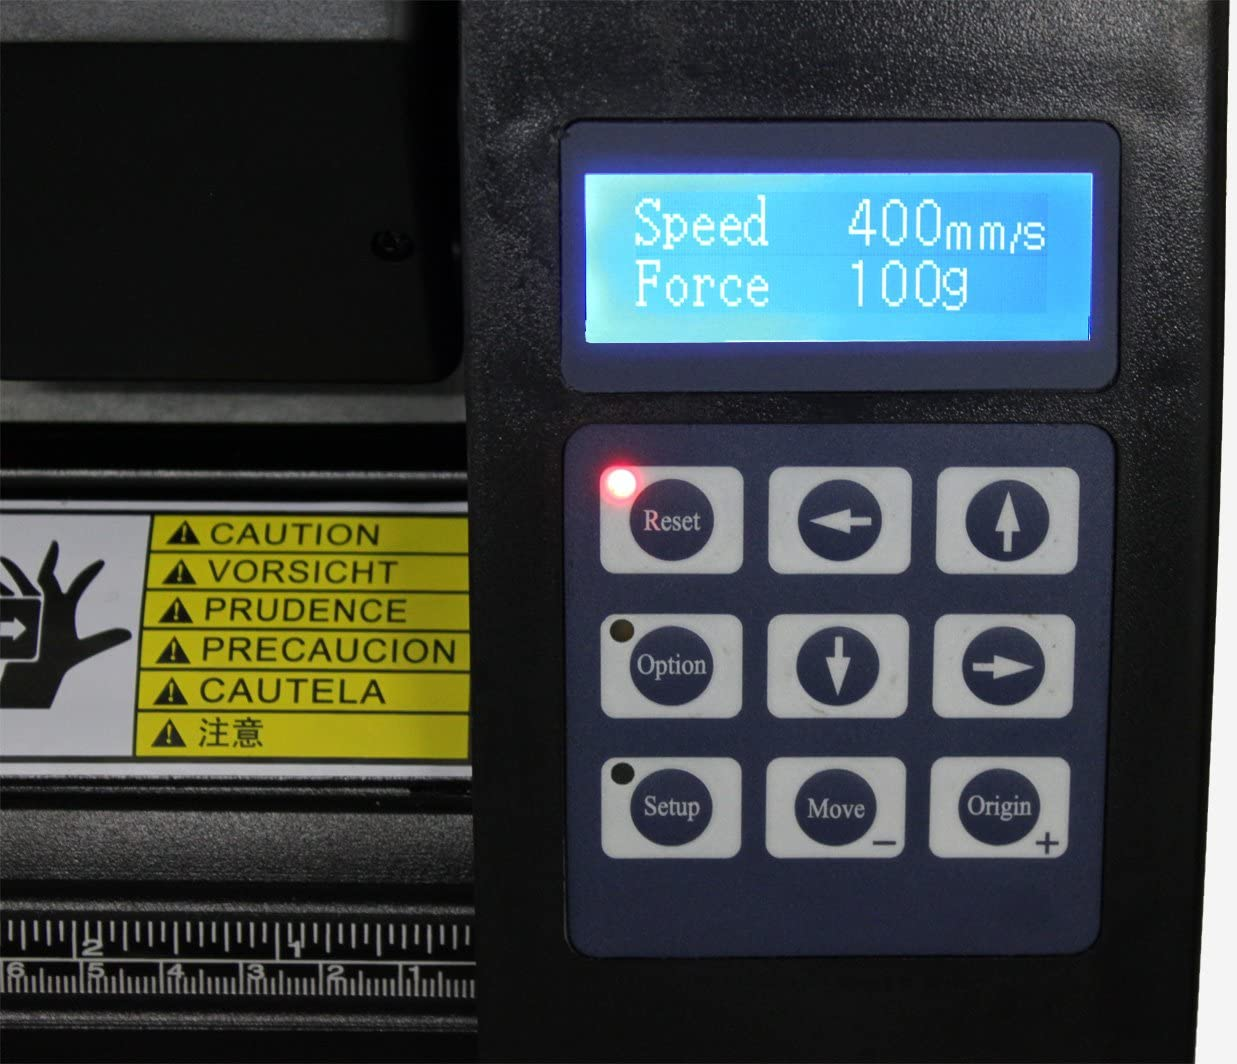 NUEVO EH721 Vinilo Plotter Cortador, Óptico OJO CON SOPORTE -71.1cm: Amazon.es: Electrónica